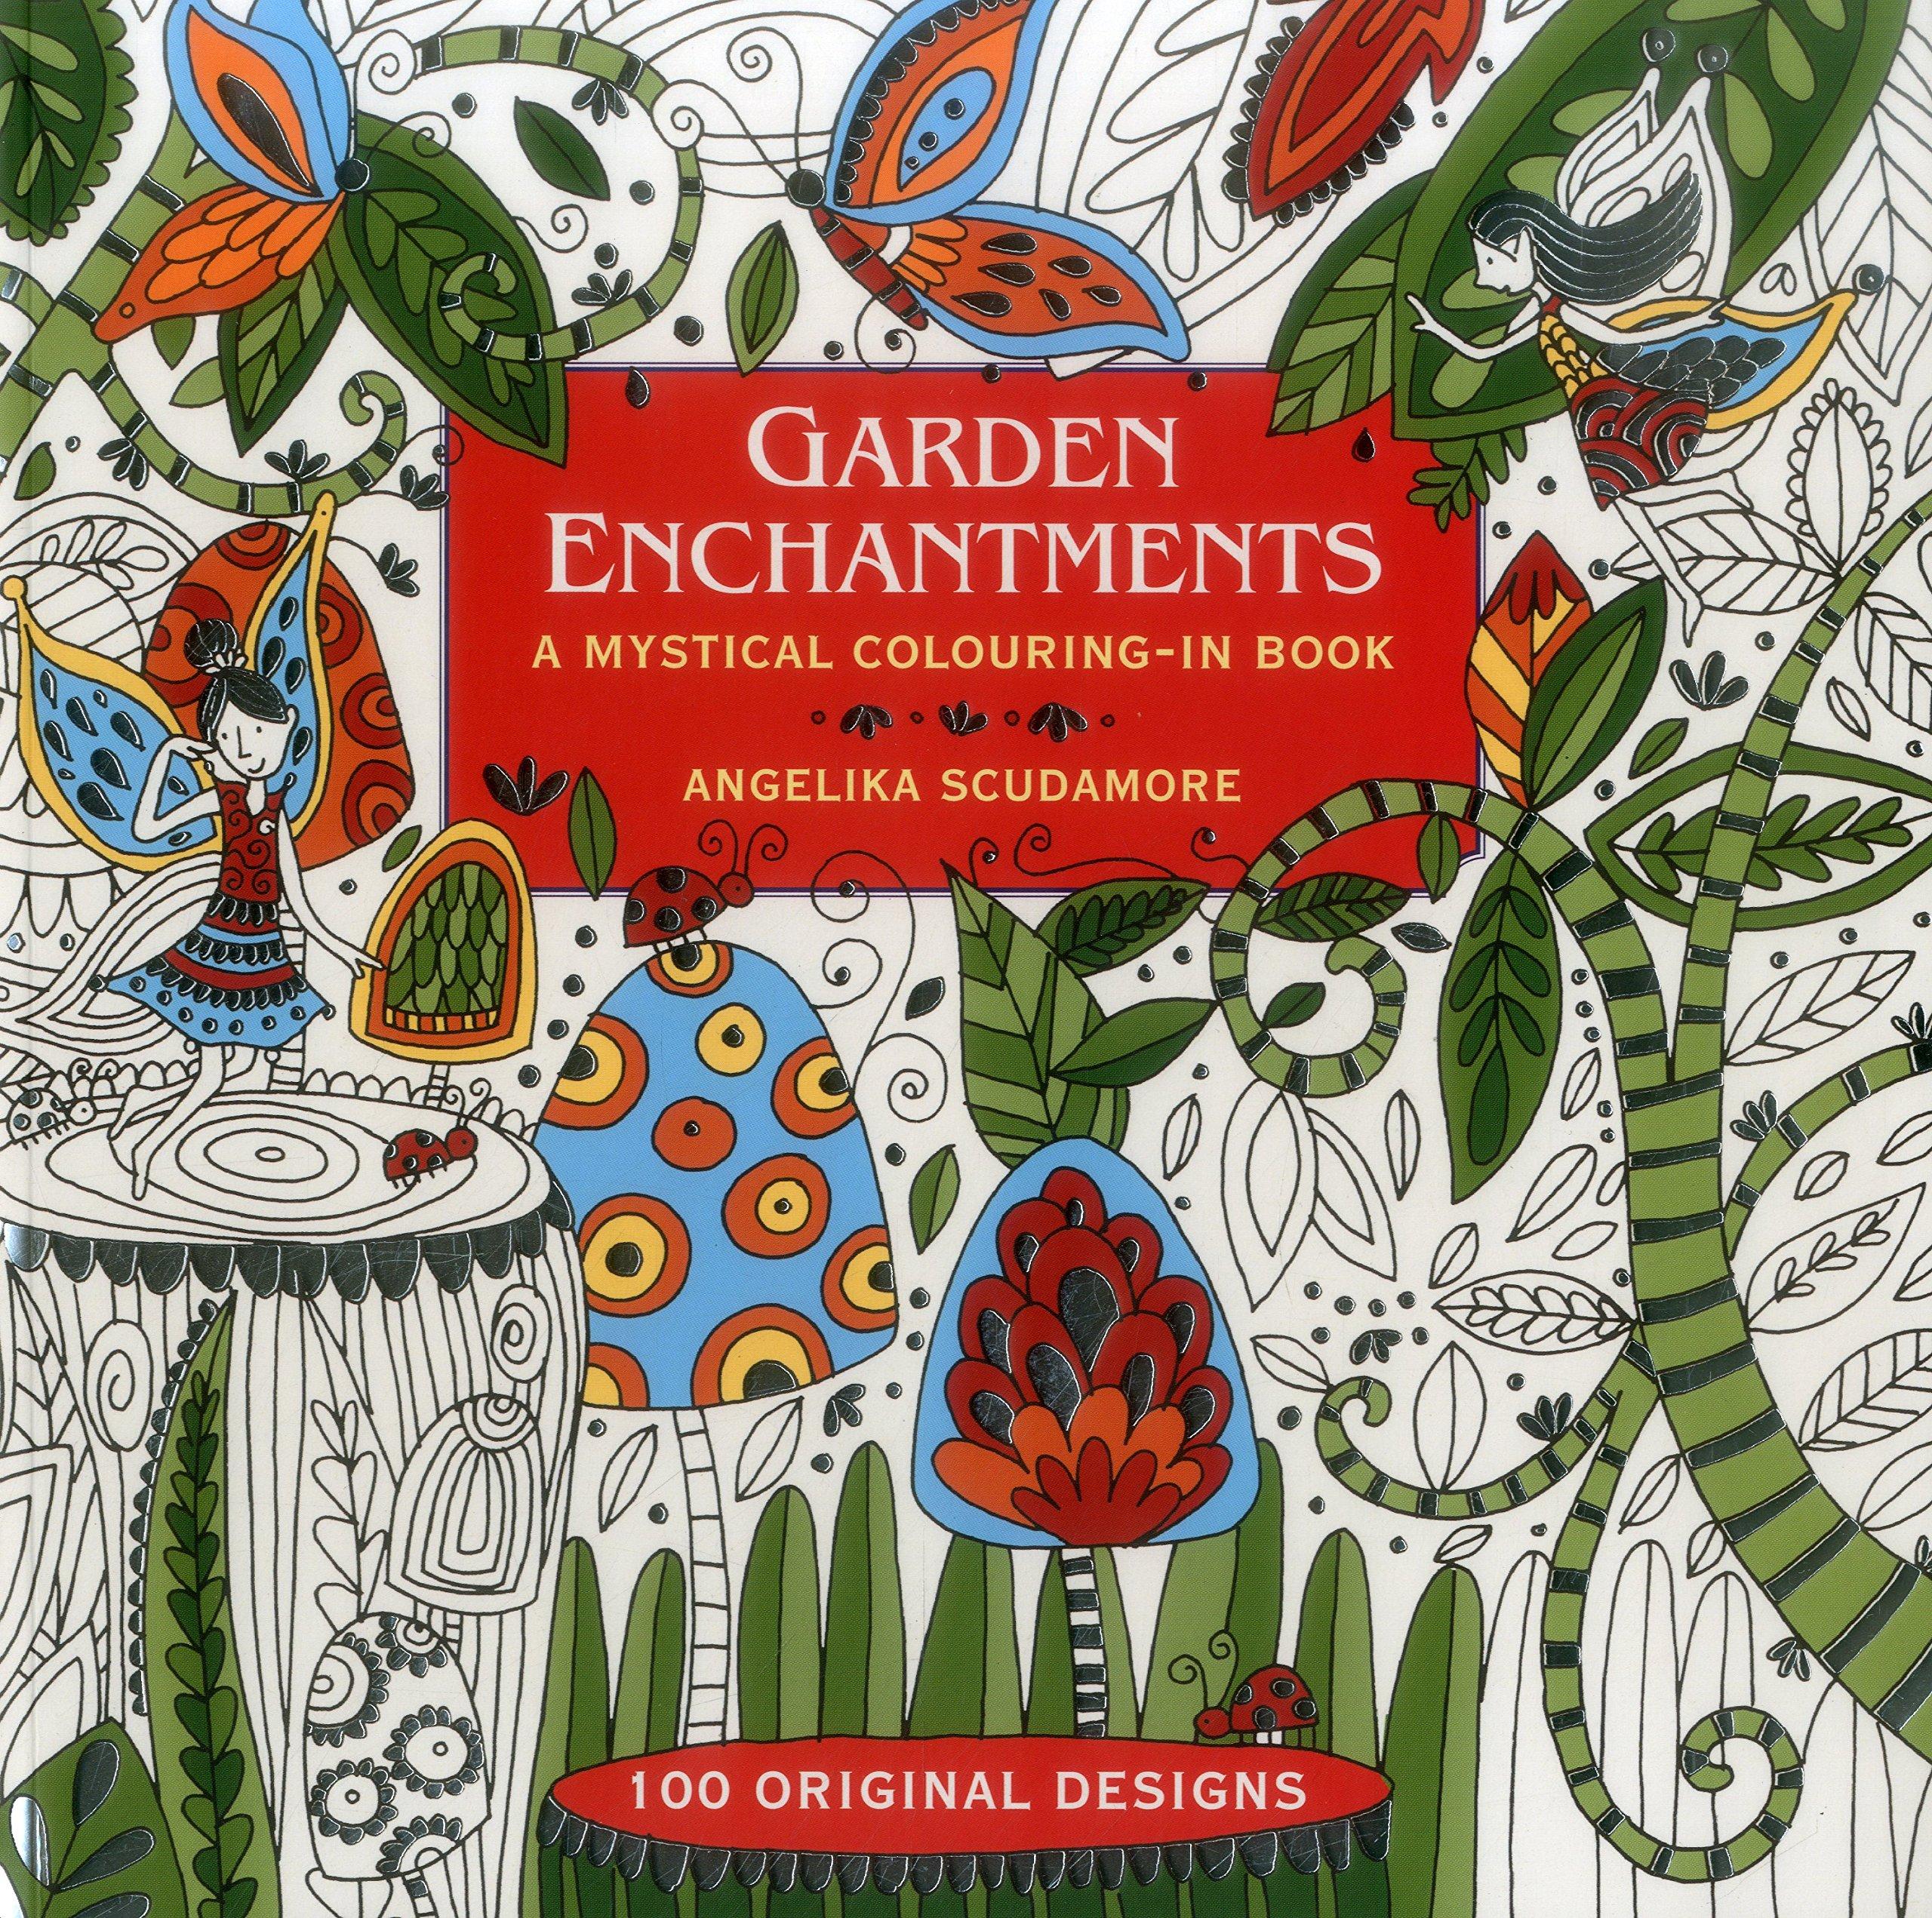 Garden Enchantments: A Mystical Colouring-In Book: 100 Original ...